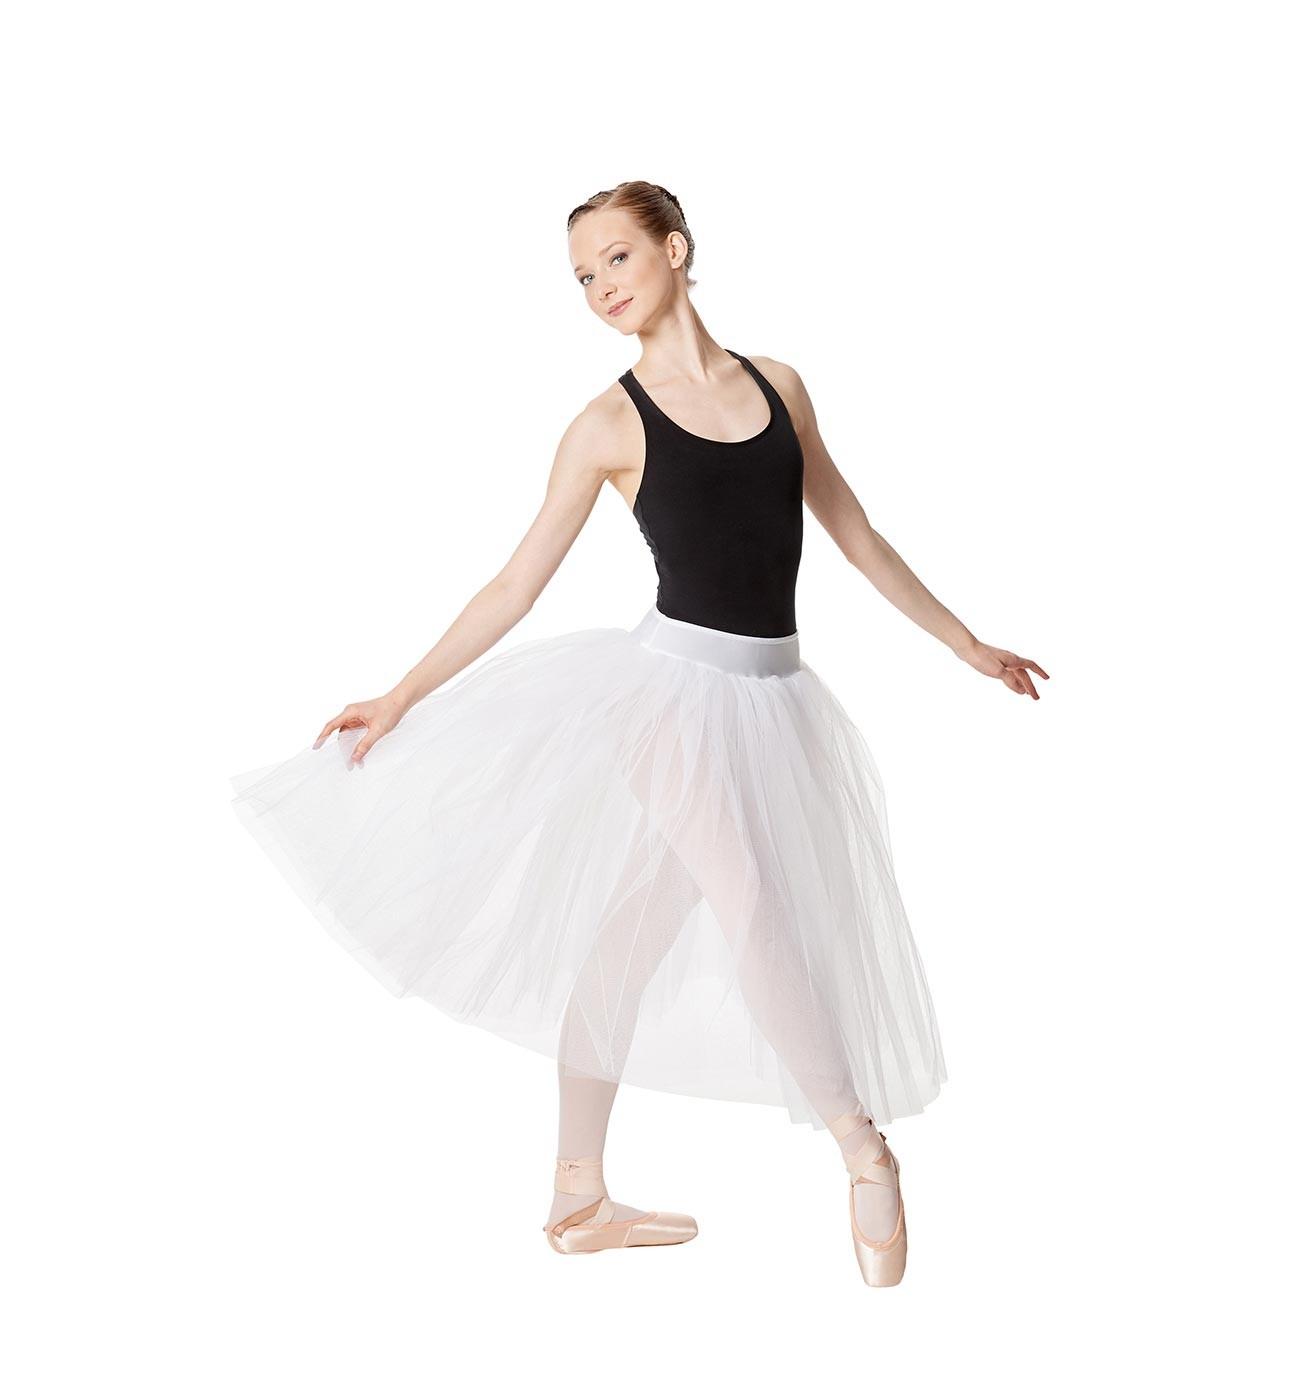 לבן חצאית טול רומנטית Aerin של Lulli שלוש שכבות LUBTURA